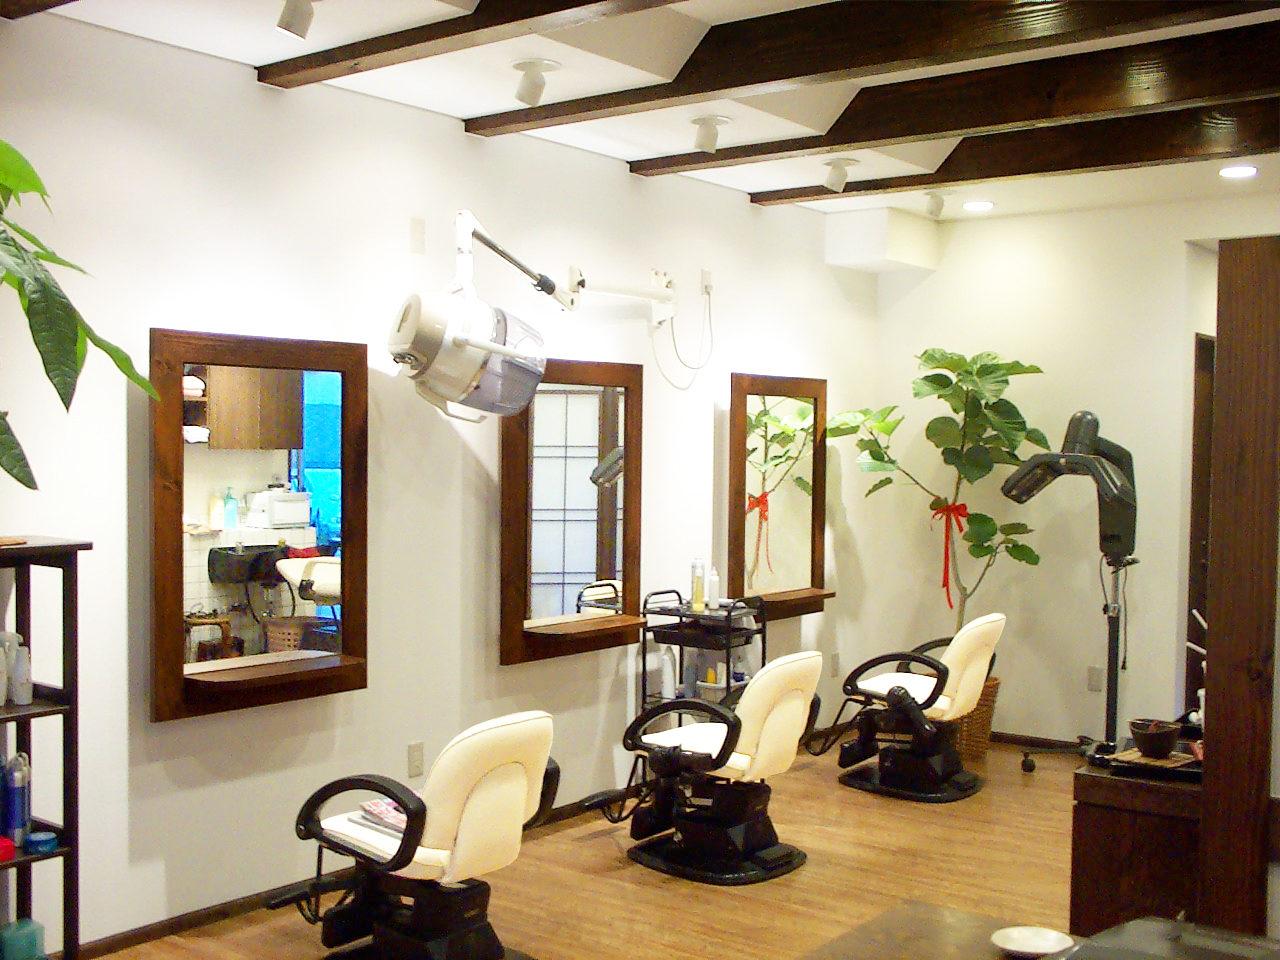 女性オーナーが一人で経営されている岐阜県岐阜市の美容室、店舗併用住宅の新築設計店舗デザイン